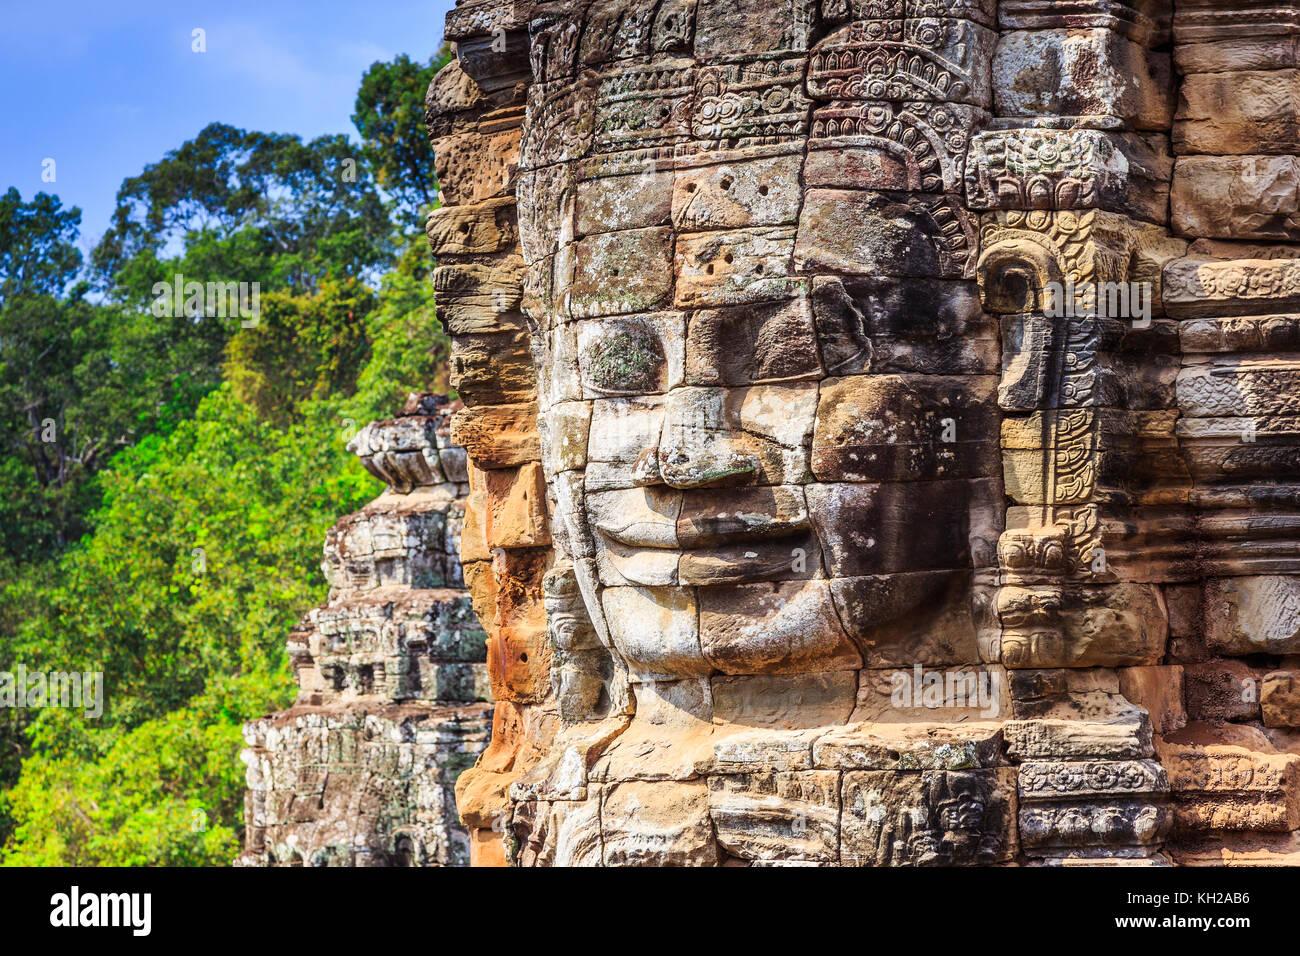 Angkor, Cambodia. Face tower at the Bayon Temple. - Stock Image